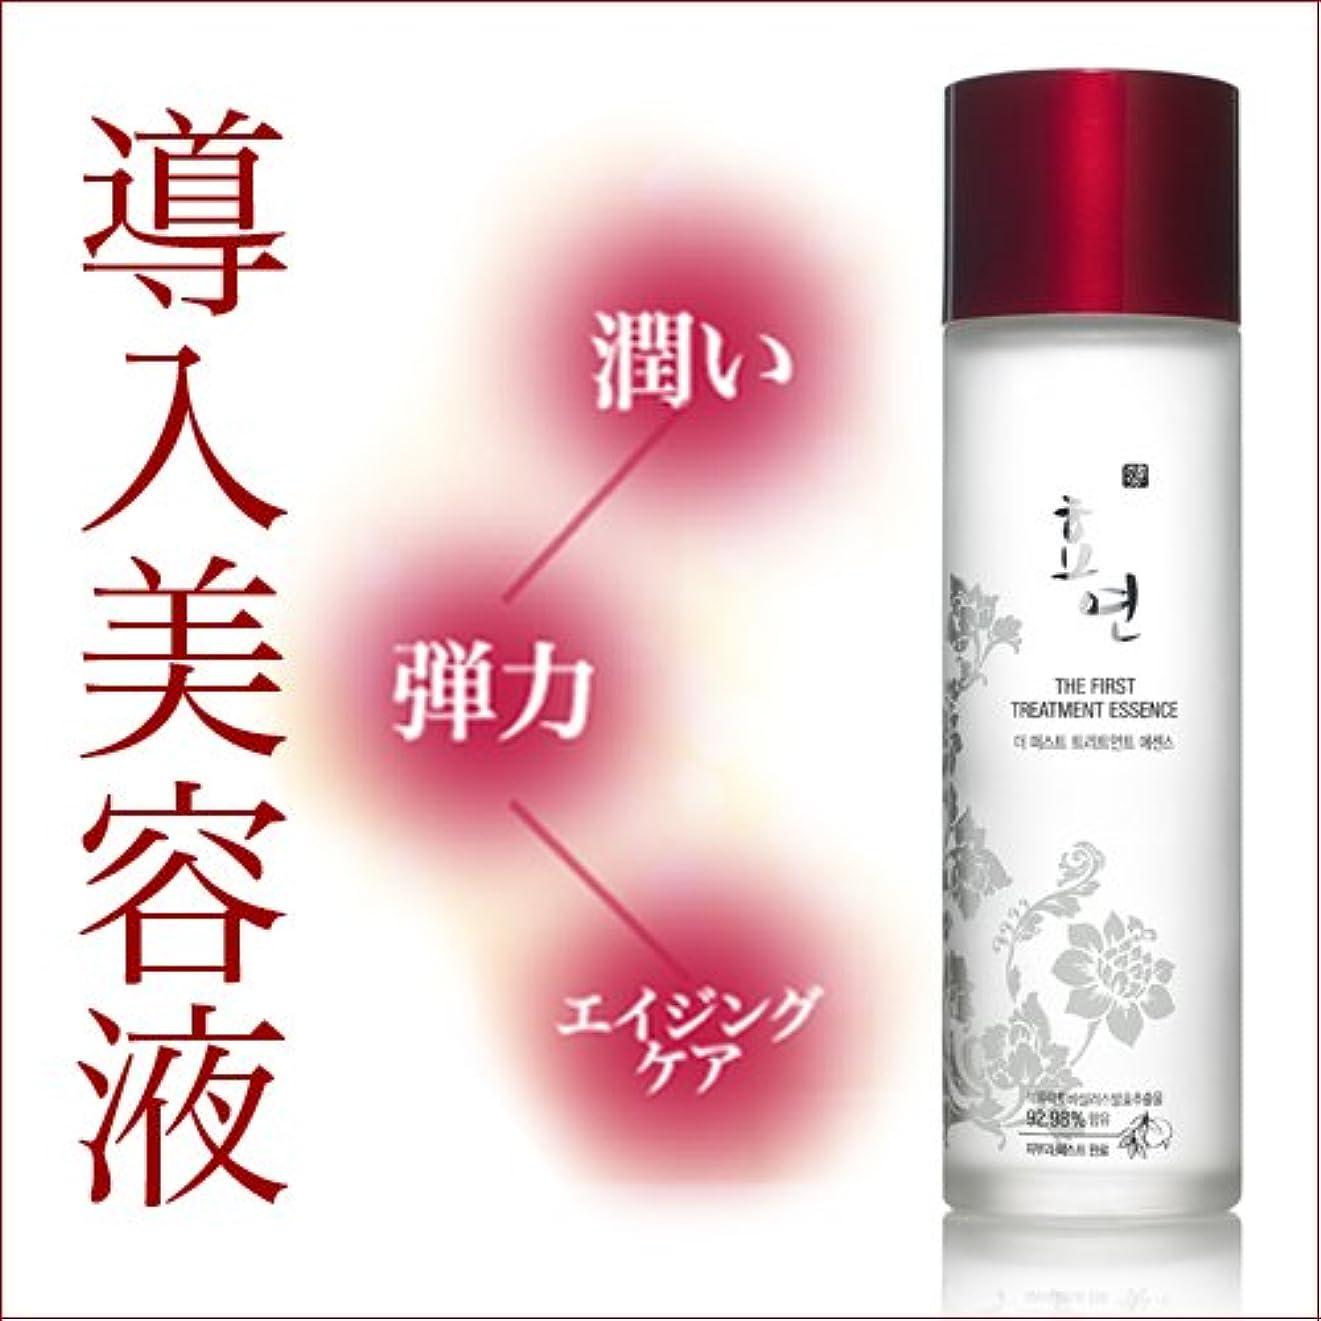 タイル顔料アンカー滋養導入美容液 ヒョヨン?ジャヤン導入美容液 ざくろ乳酸菌発酵液92.98%配合 水分豊富な栄養液でさらっと肌に